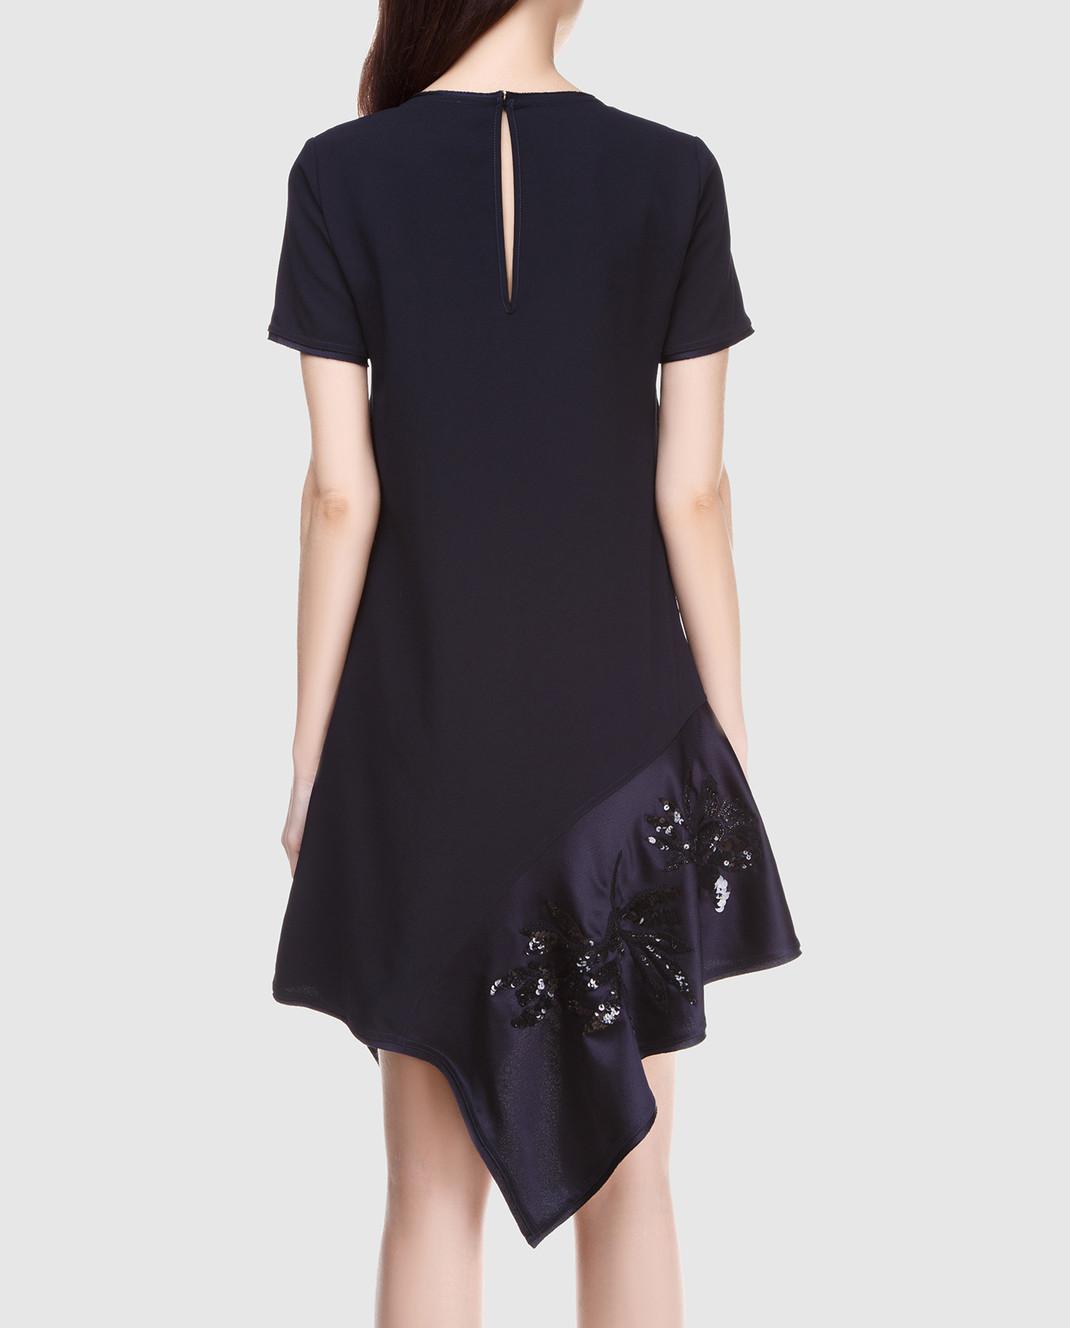 PAROSH Темно-синее платье с вышивкой пайетками D730224R изображение 4